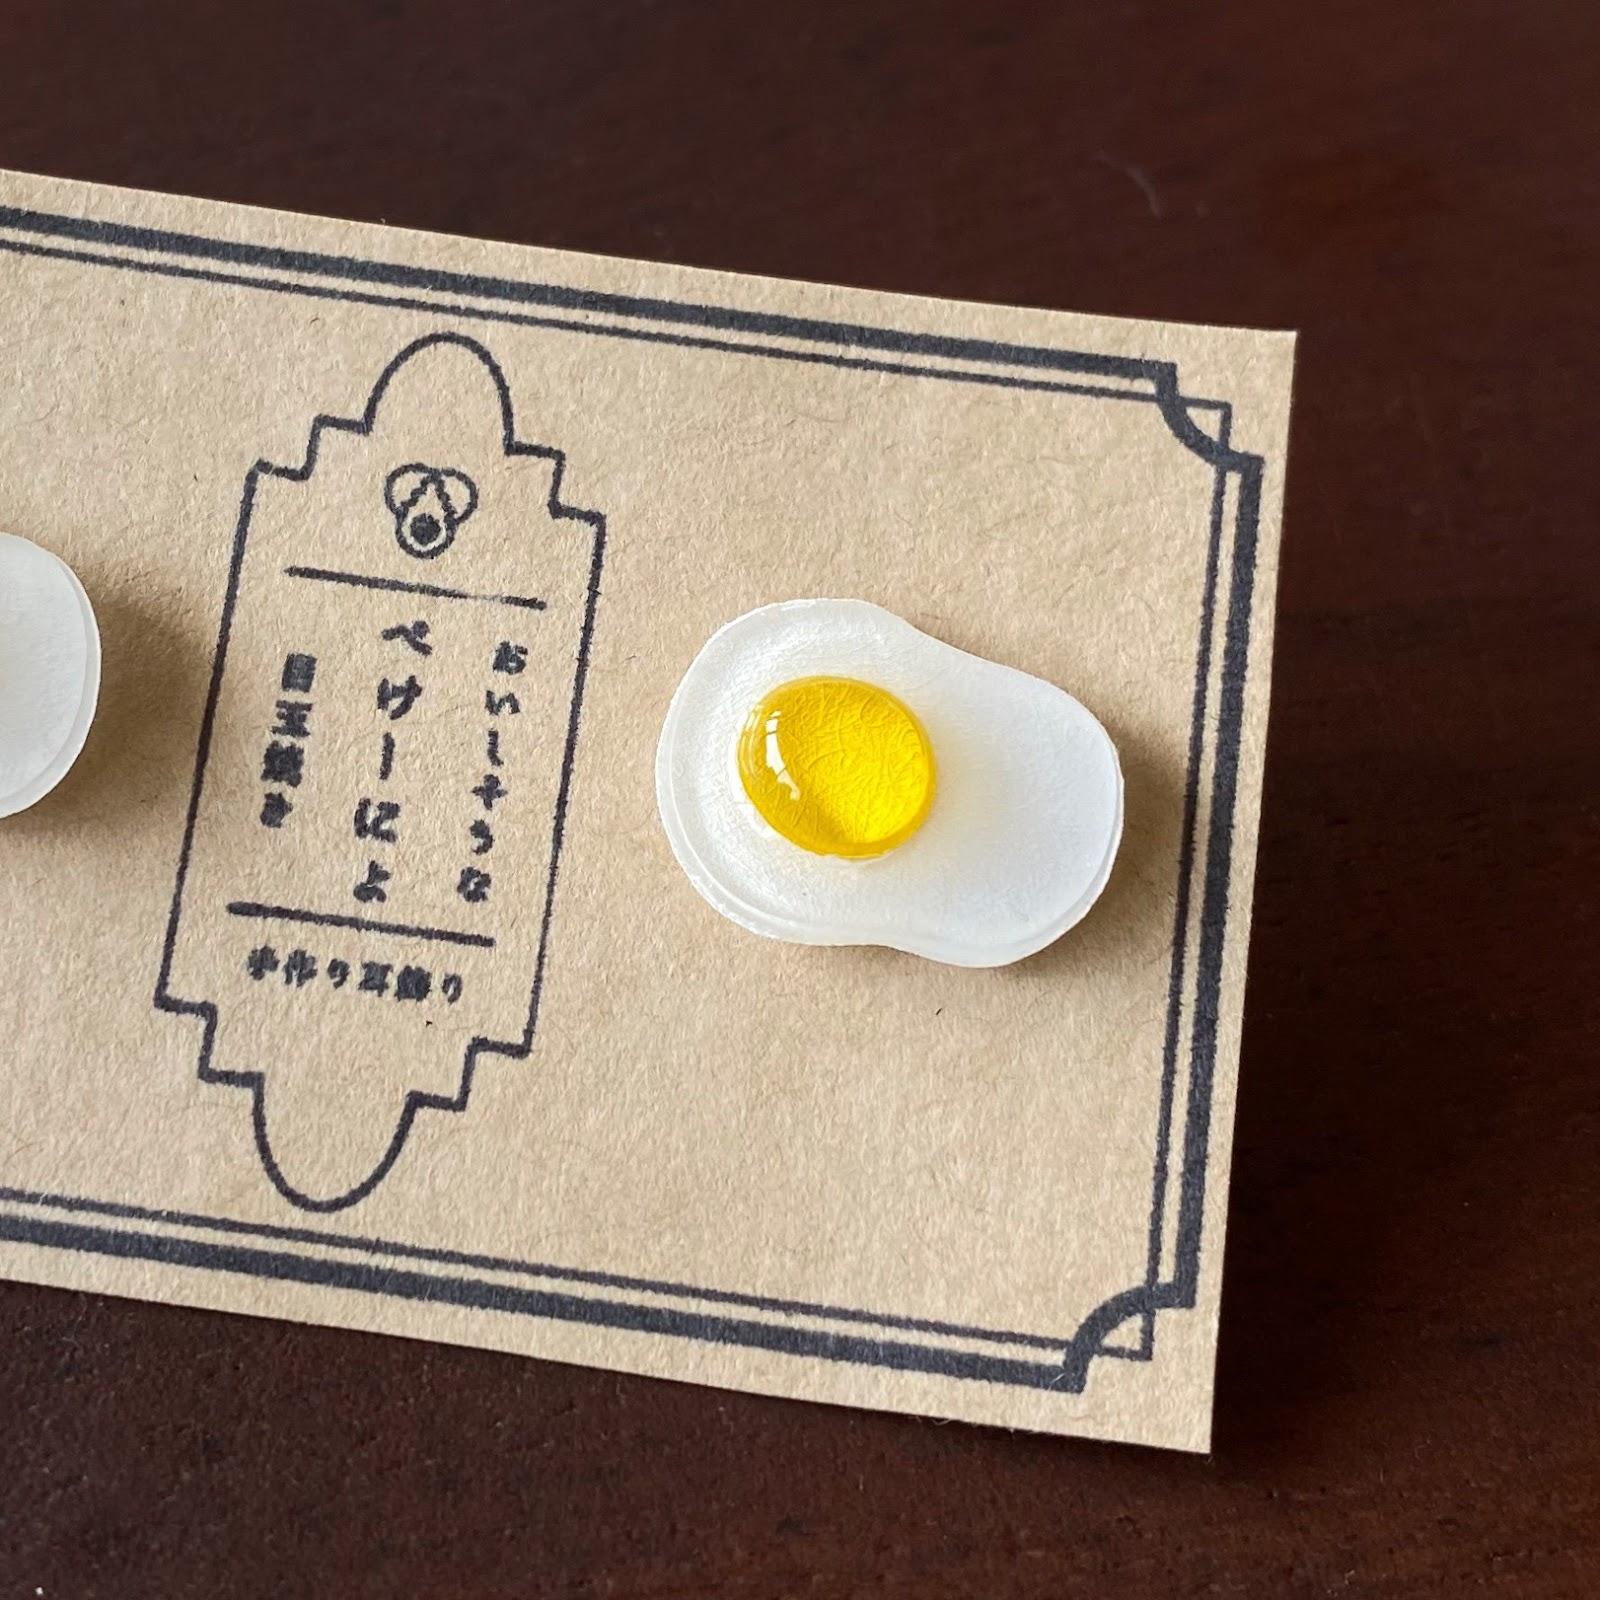 日本設計耳環 耳針 耳夾 日本品牌 團購 pinkoi優惠